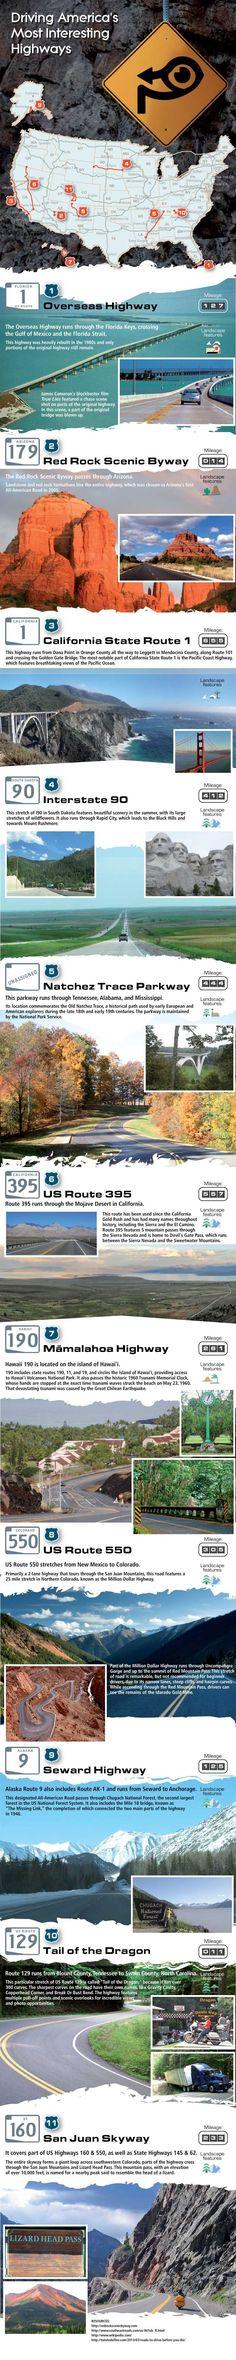 Wunderschöner Infografik Guide zu den besten und interessantesten Highways der USA. Eine tolle Hilfe für die Planung einer Rundreise!